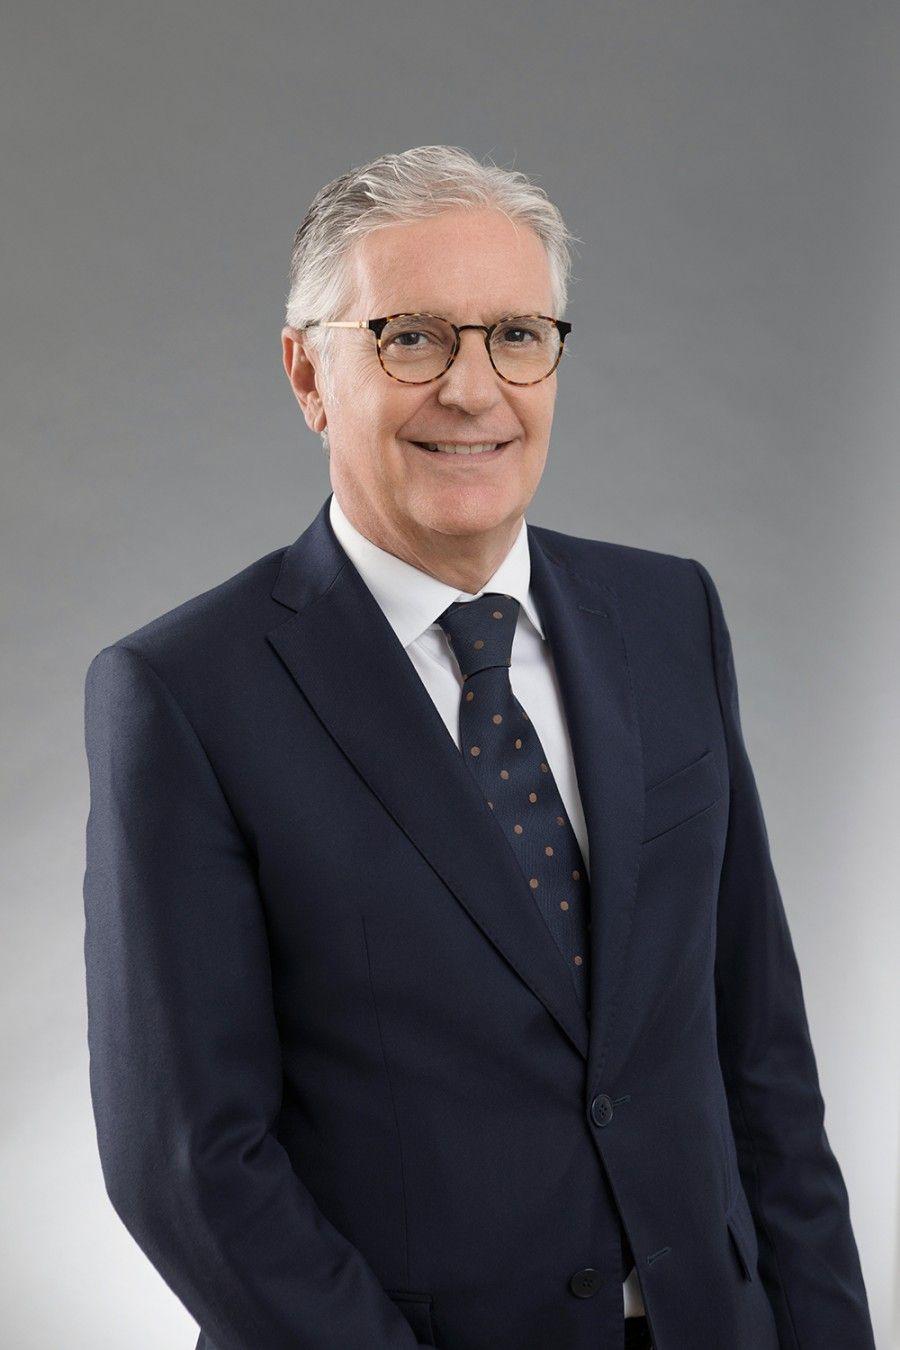 Tirso Gracia es galardonado con el I Premio Carlos III a la Excelencia Jurídica